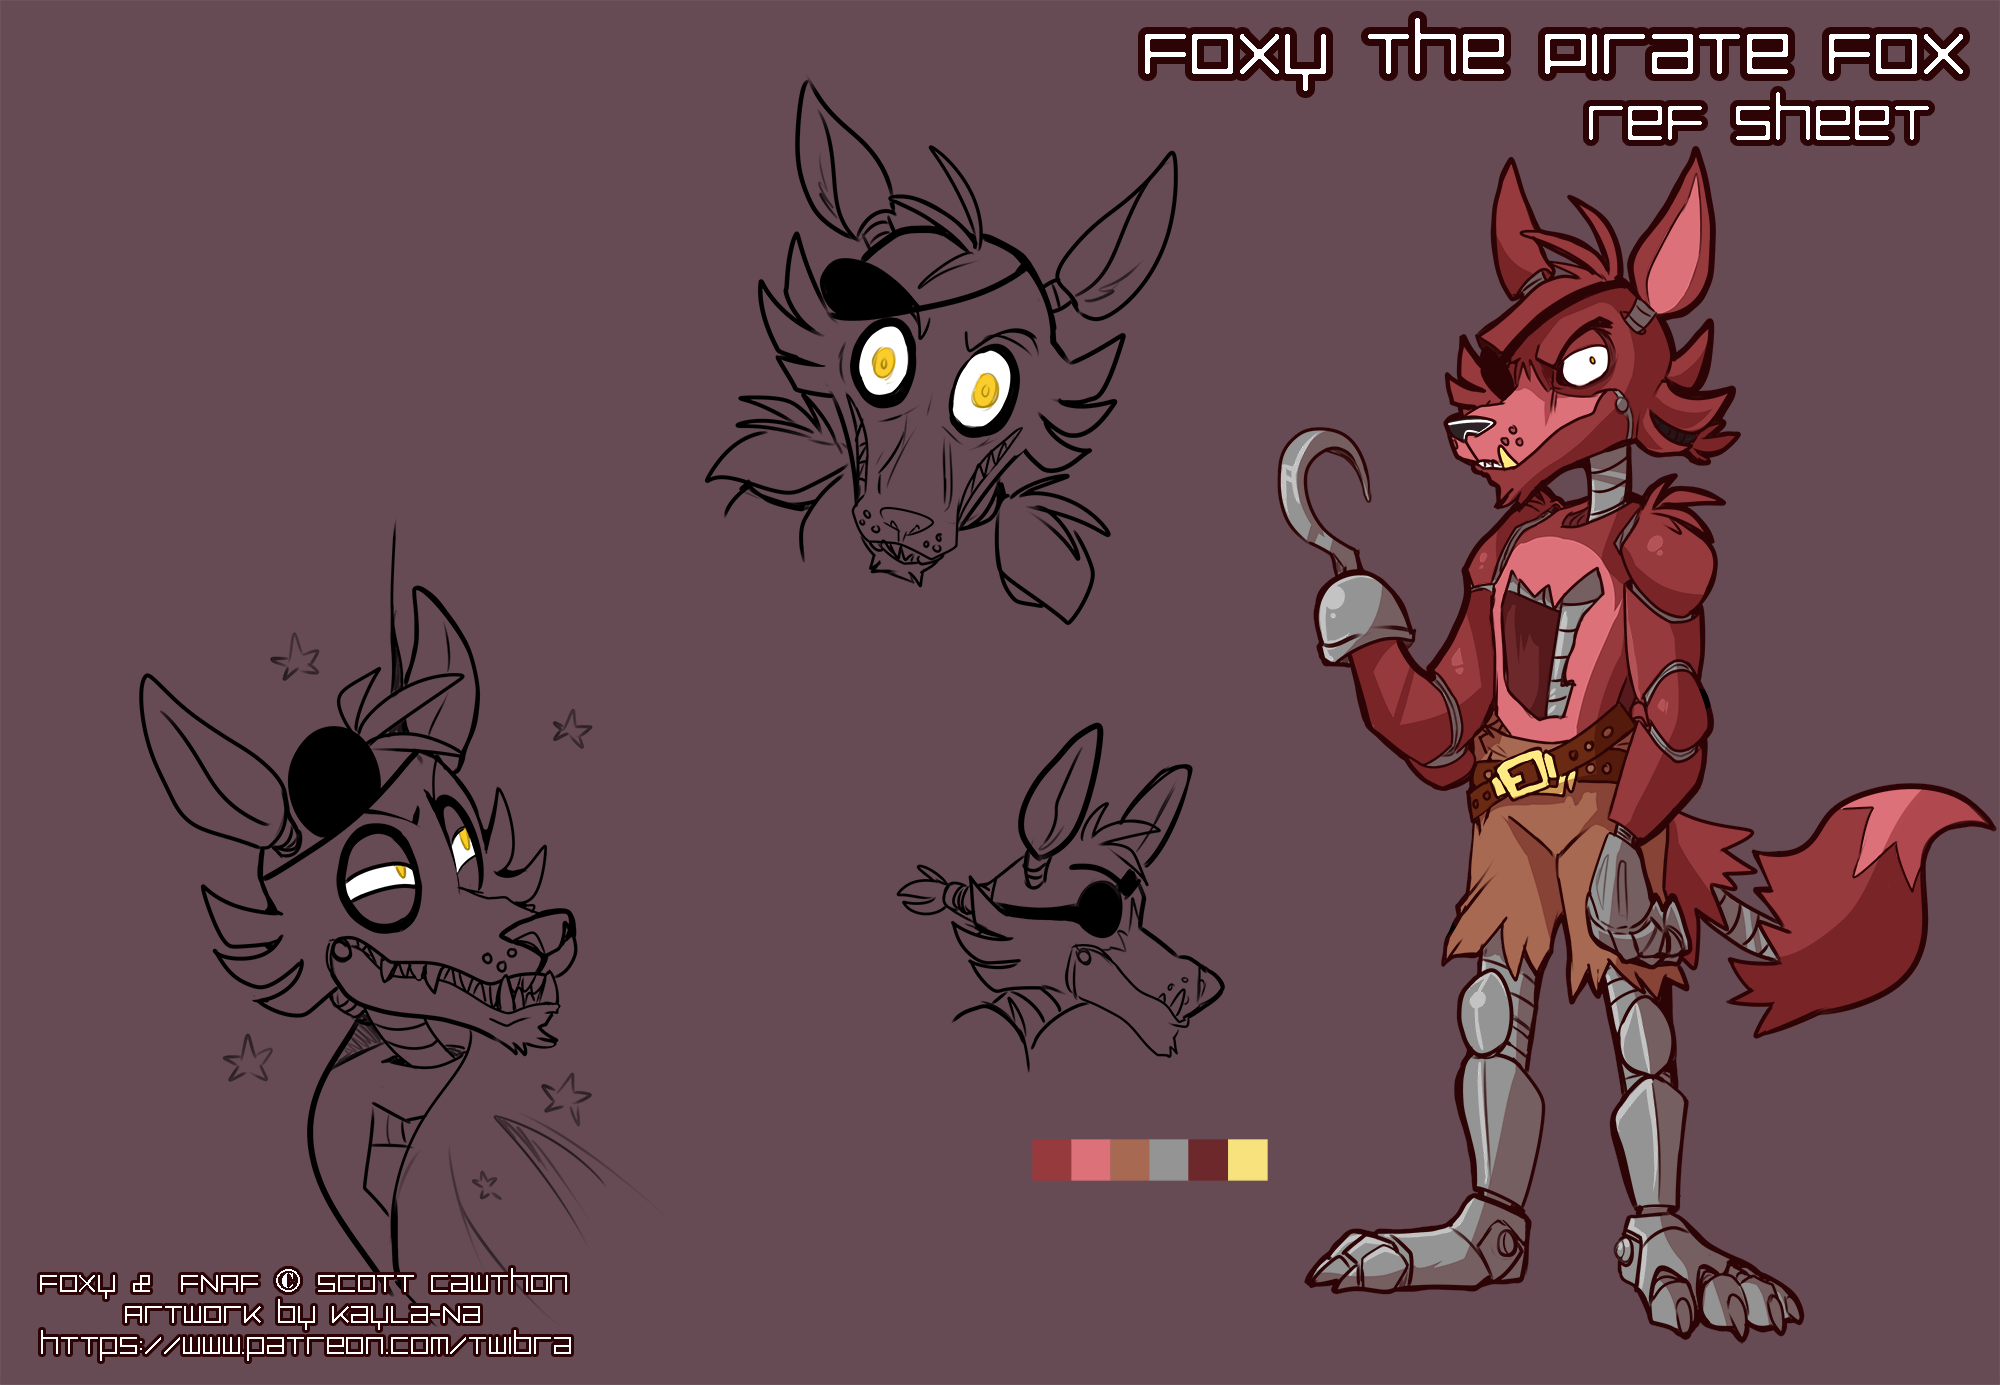 FNAF - Foxy Ref Sheet